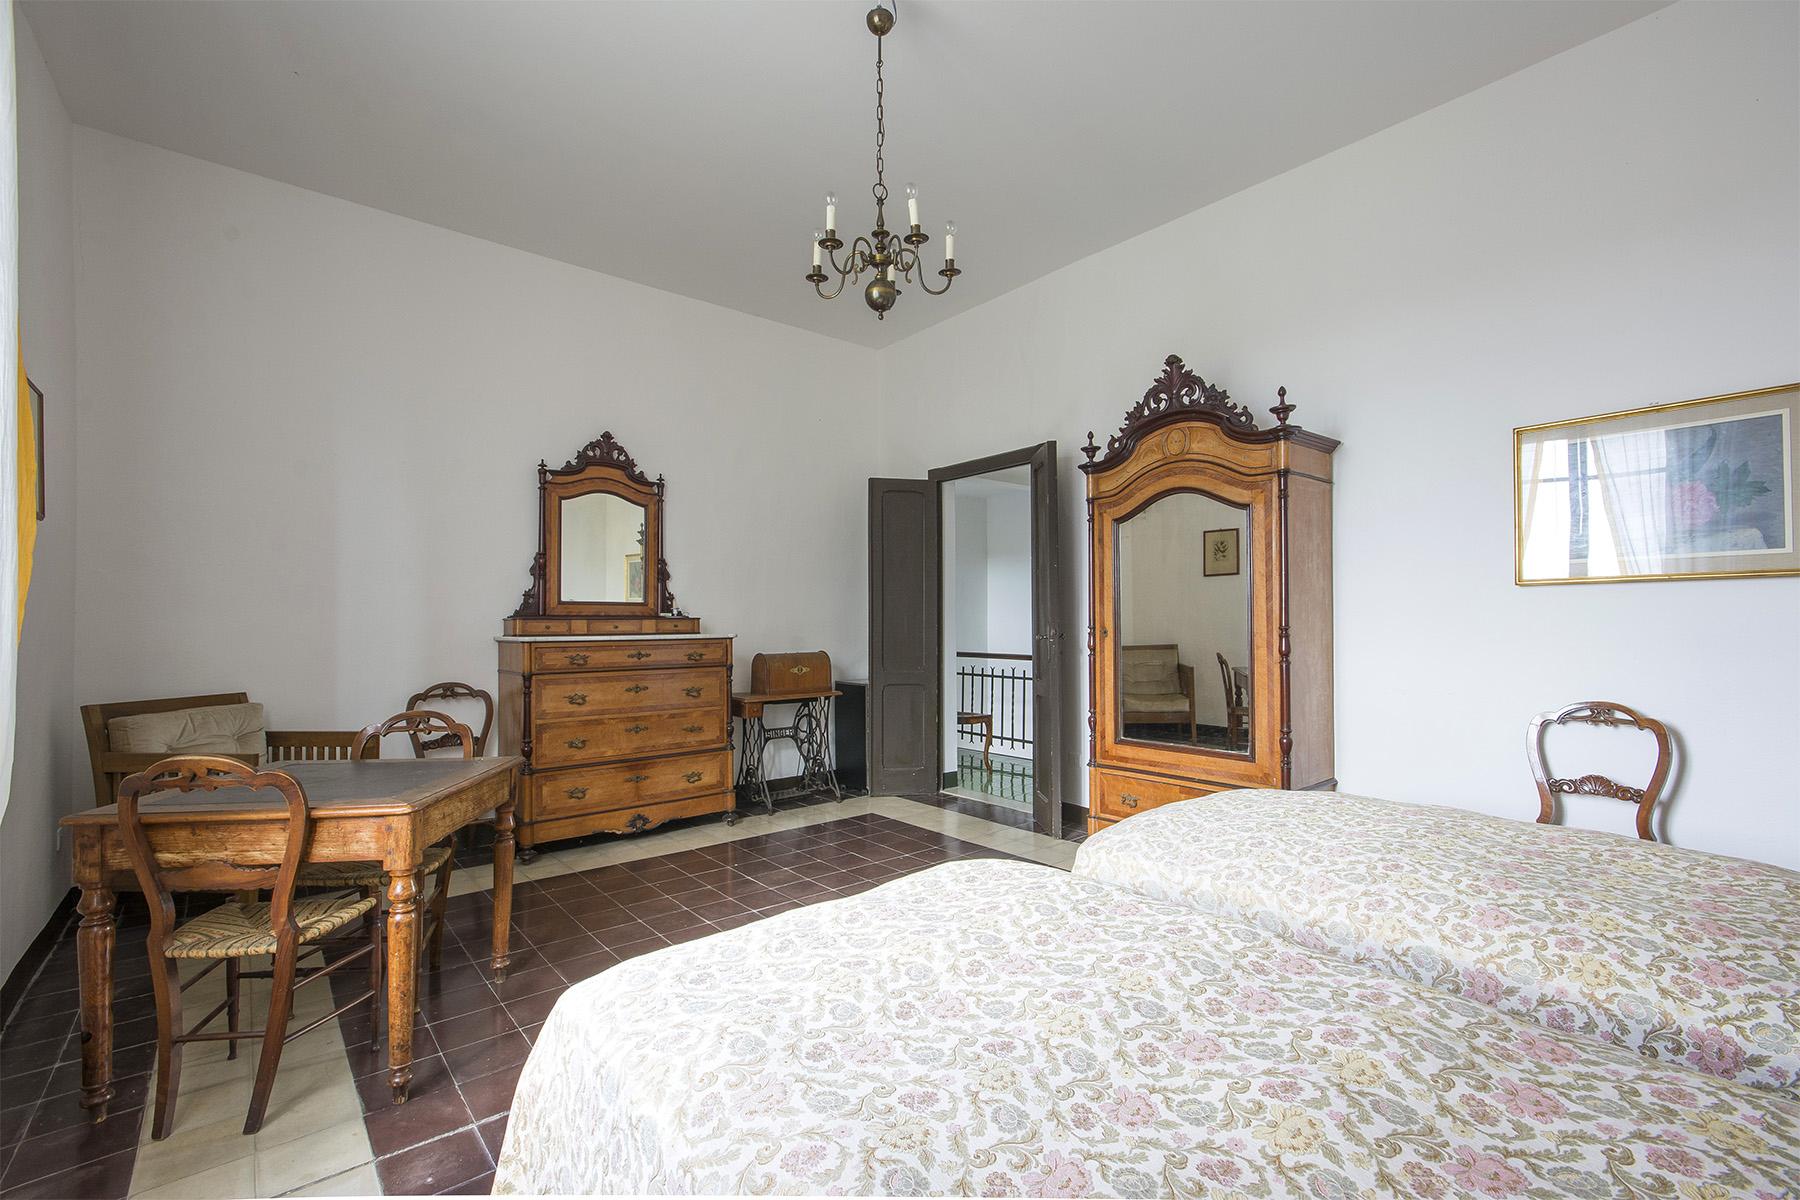 Villa in Vendita a Crespina Lorenzana: 5 locali, 900 mq - Foto 20